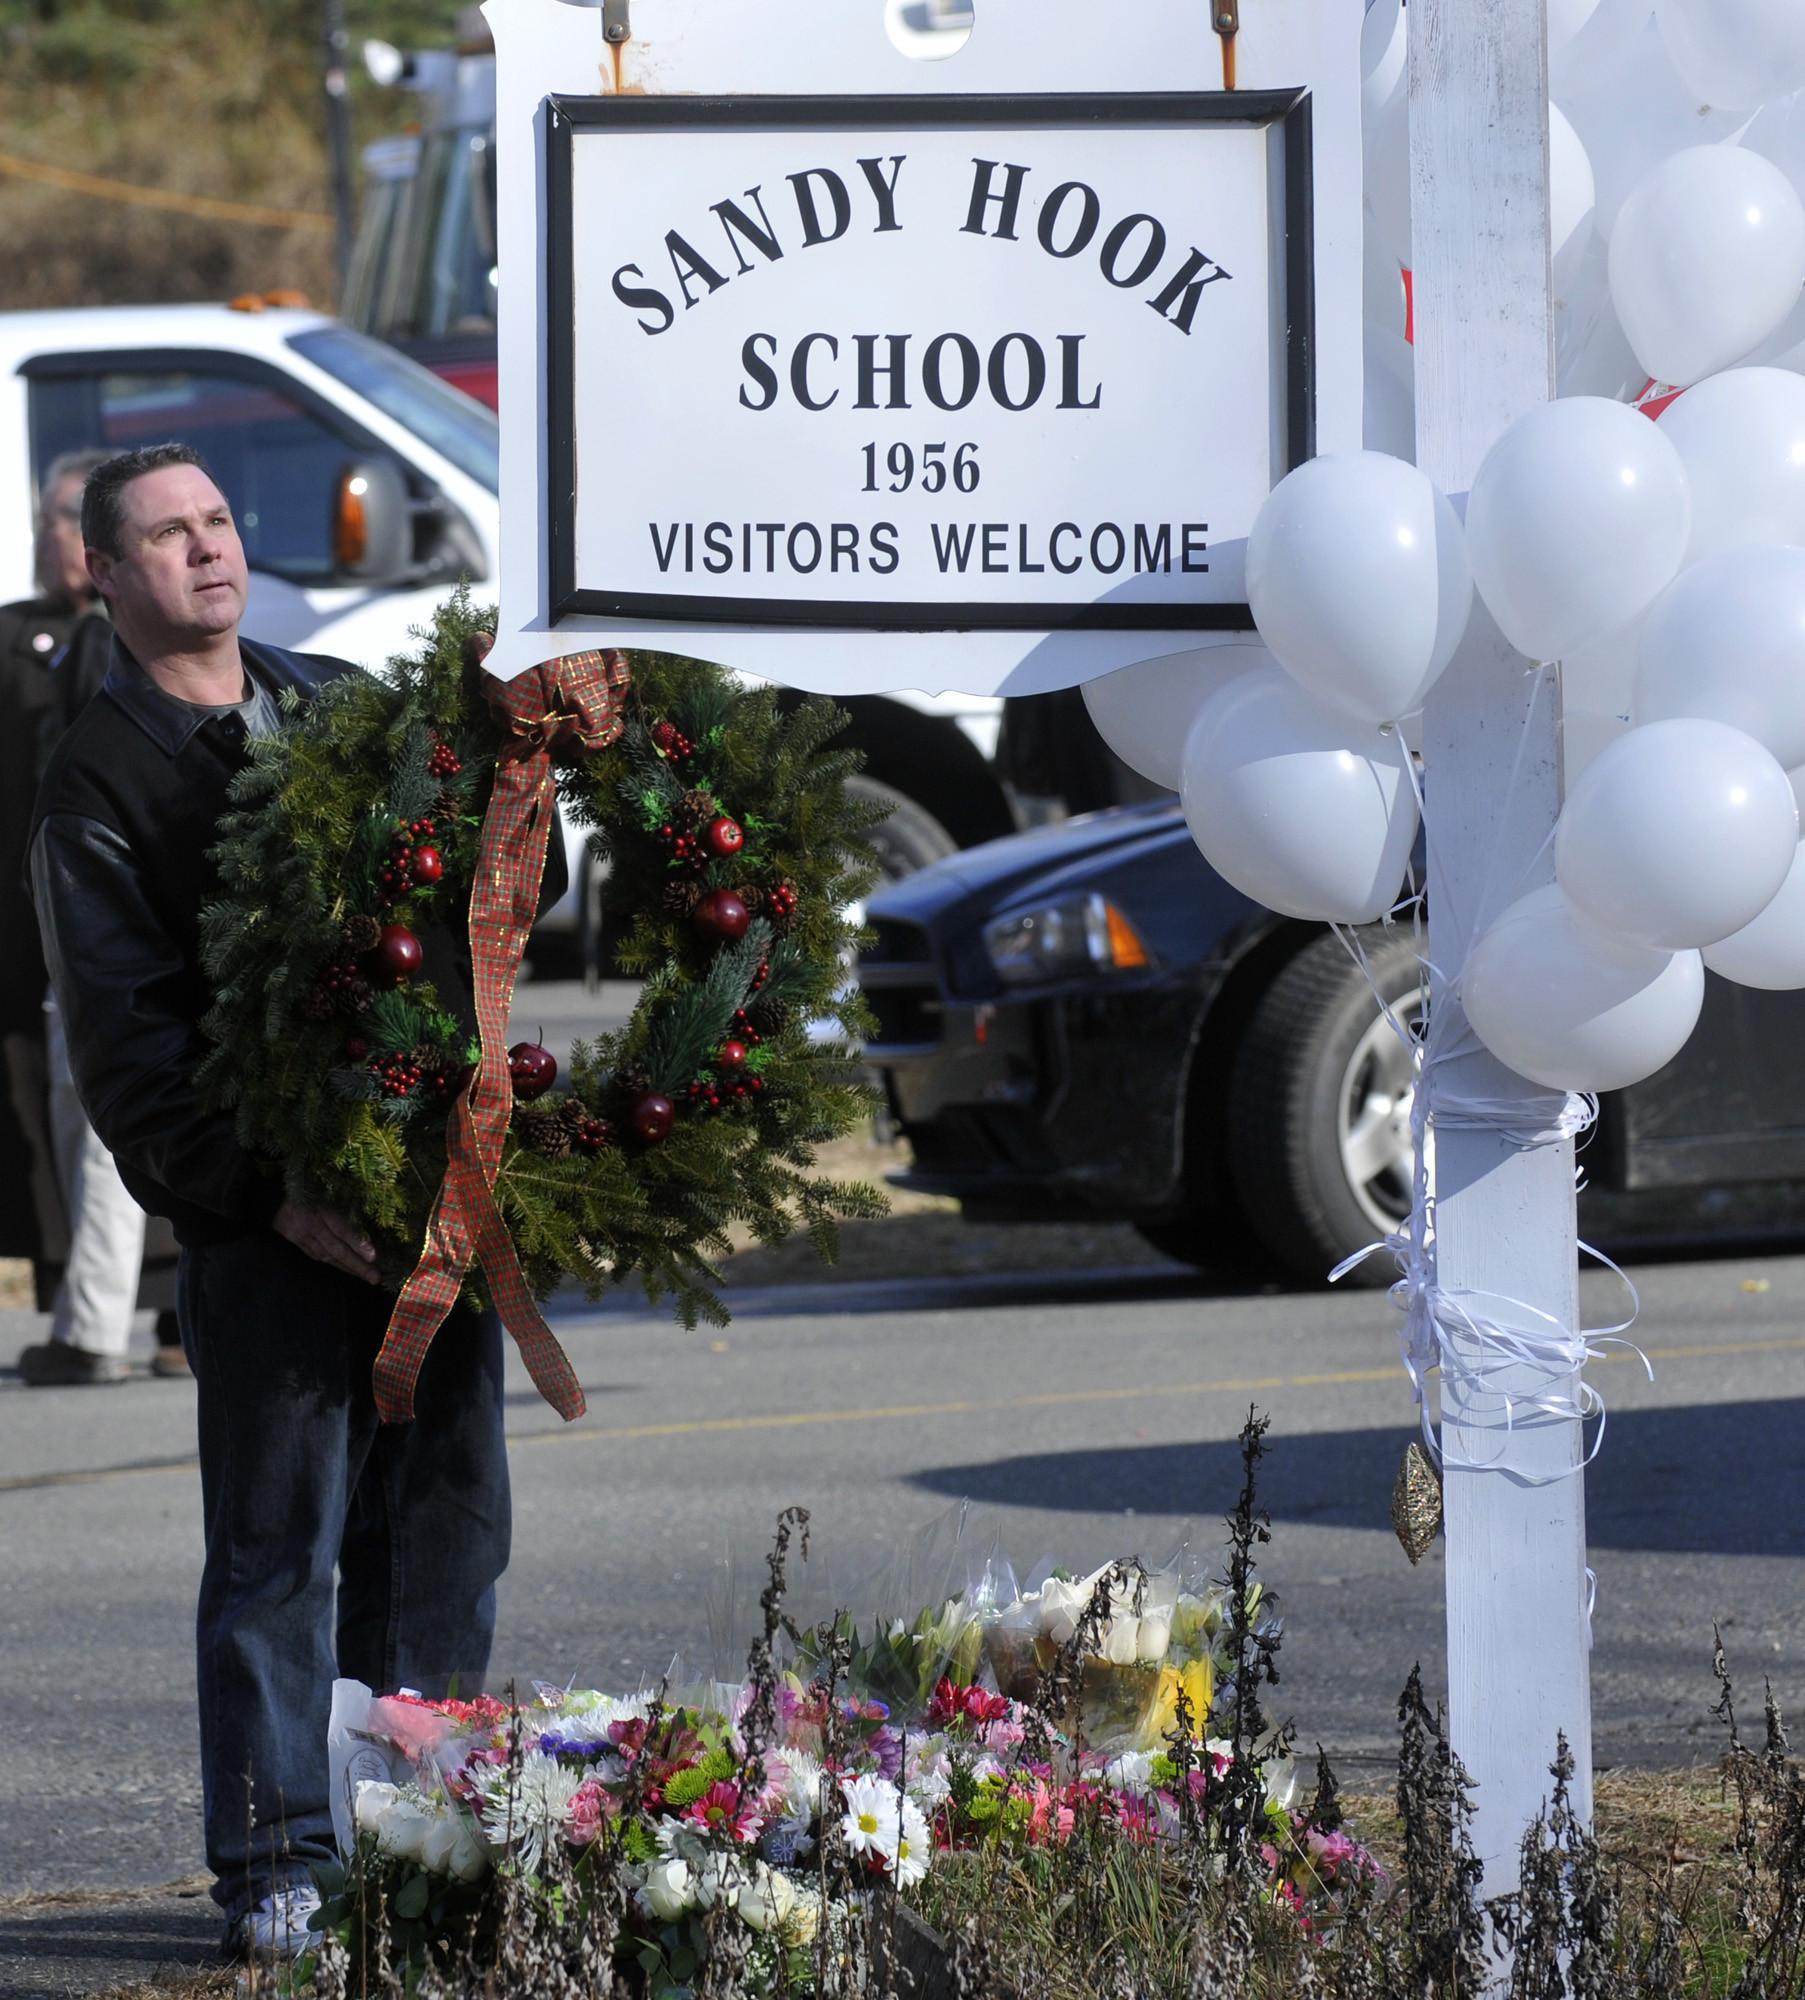 School Shooting Last Week: Sandy Hook Elementary School Articles, Photos, And Videos